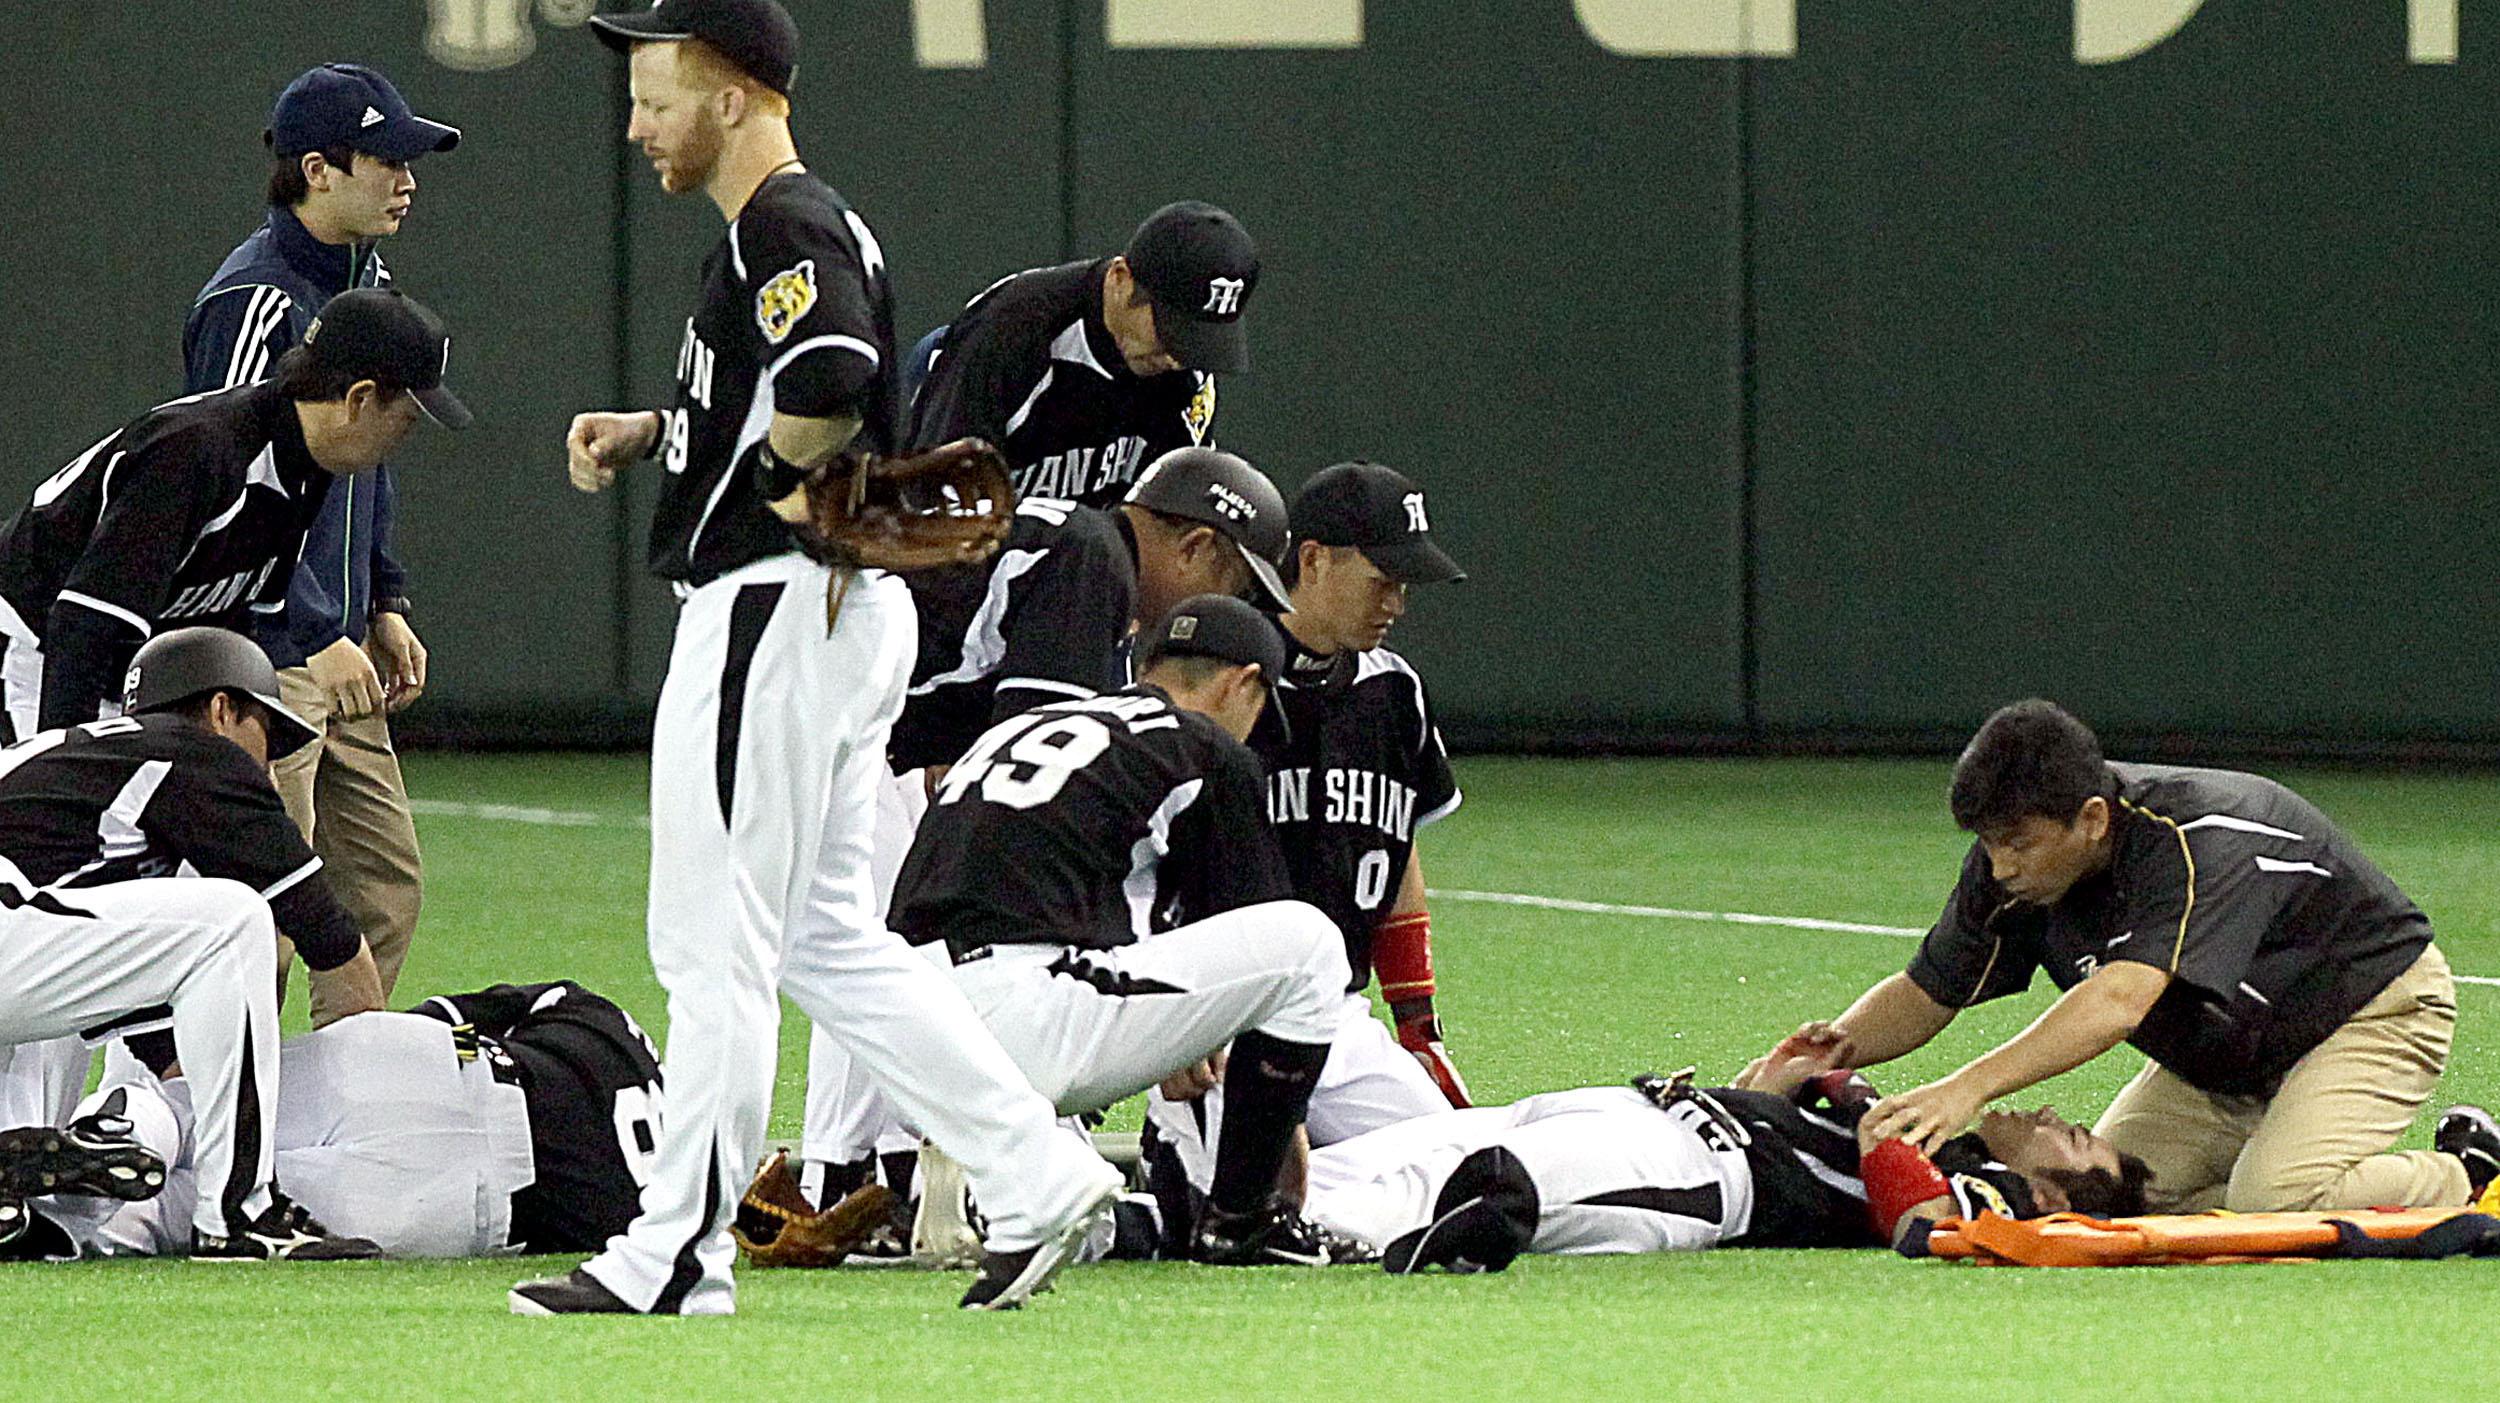 「プロ野球選手は体重もあり、スピードもある。高校野球にはないプロ野球ならではのプレー」と筆者/(C)日刊ゲンダイ